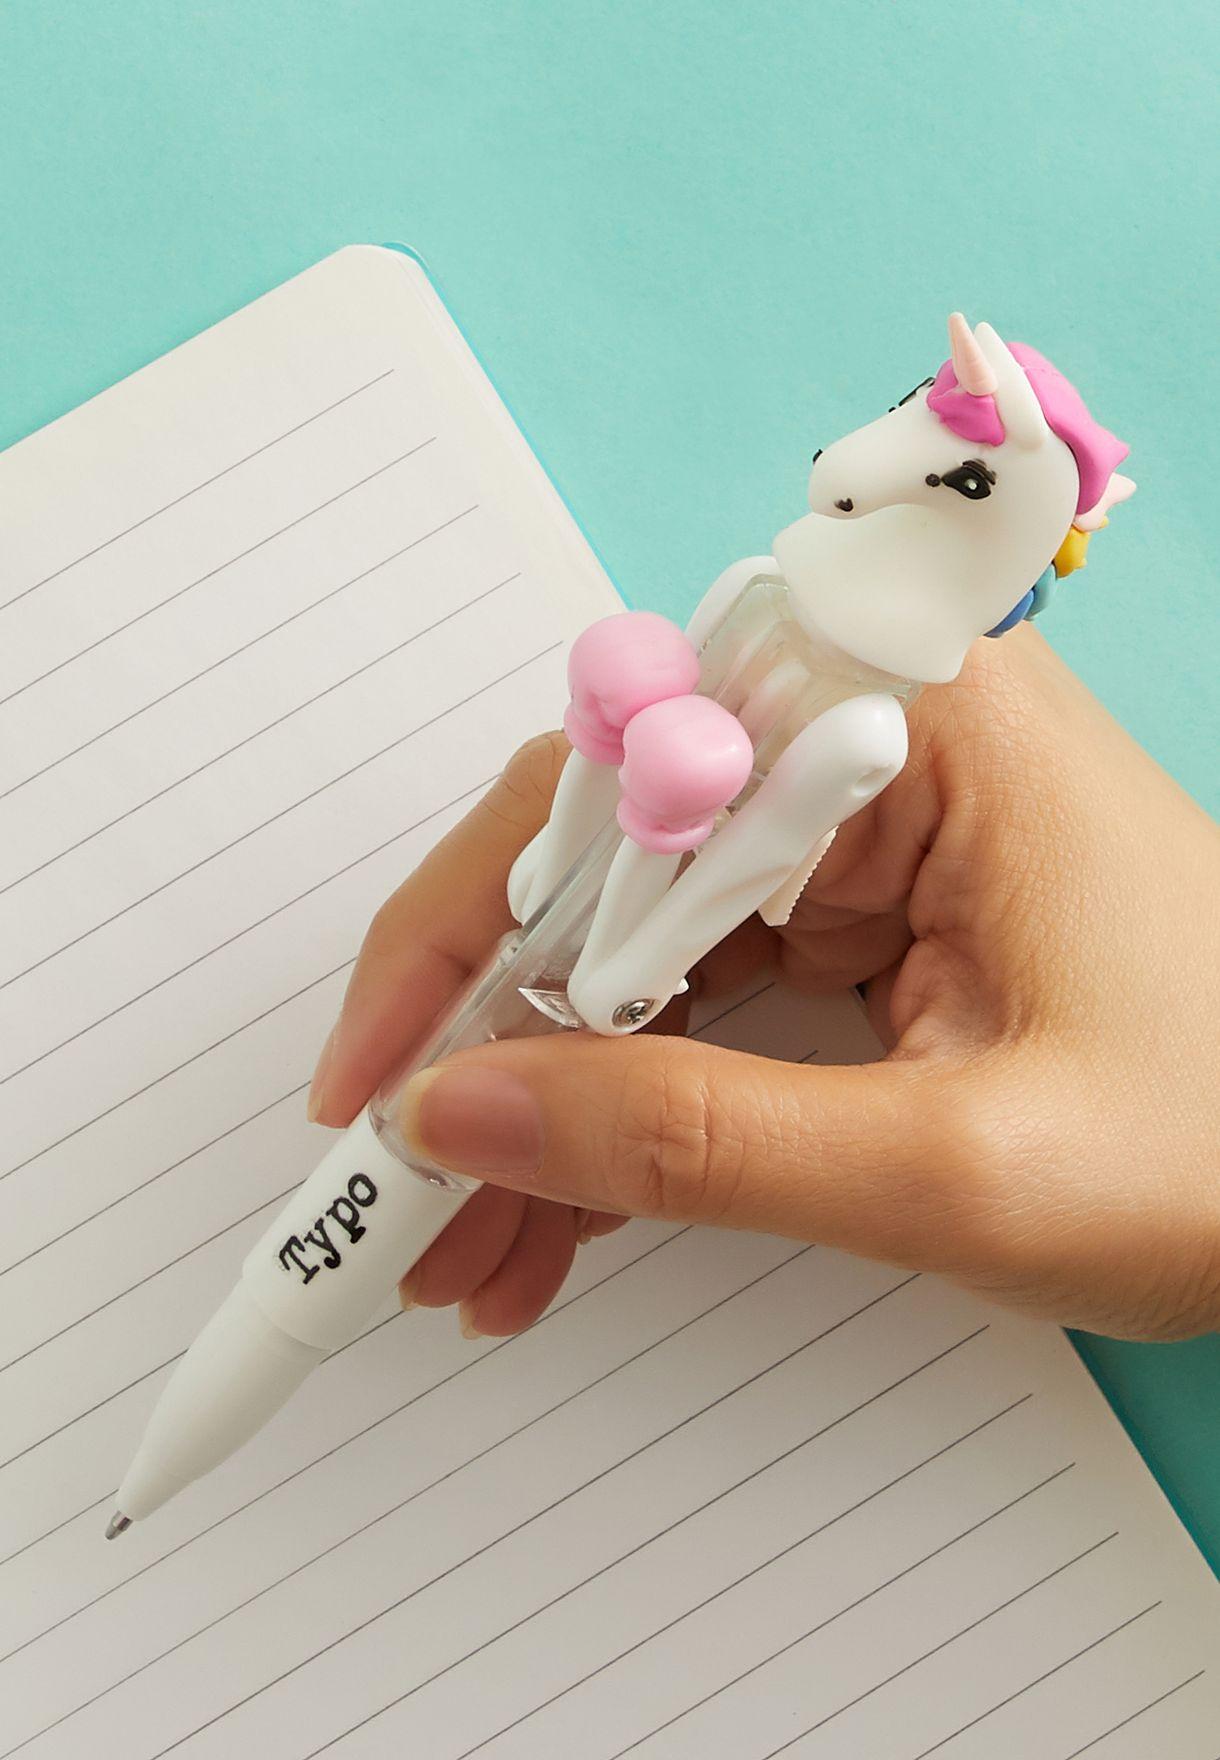 قلم مزين بشكل وحيد القرن